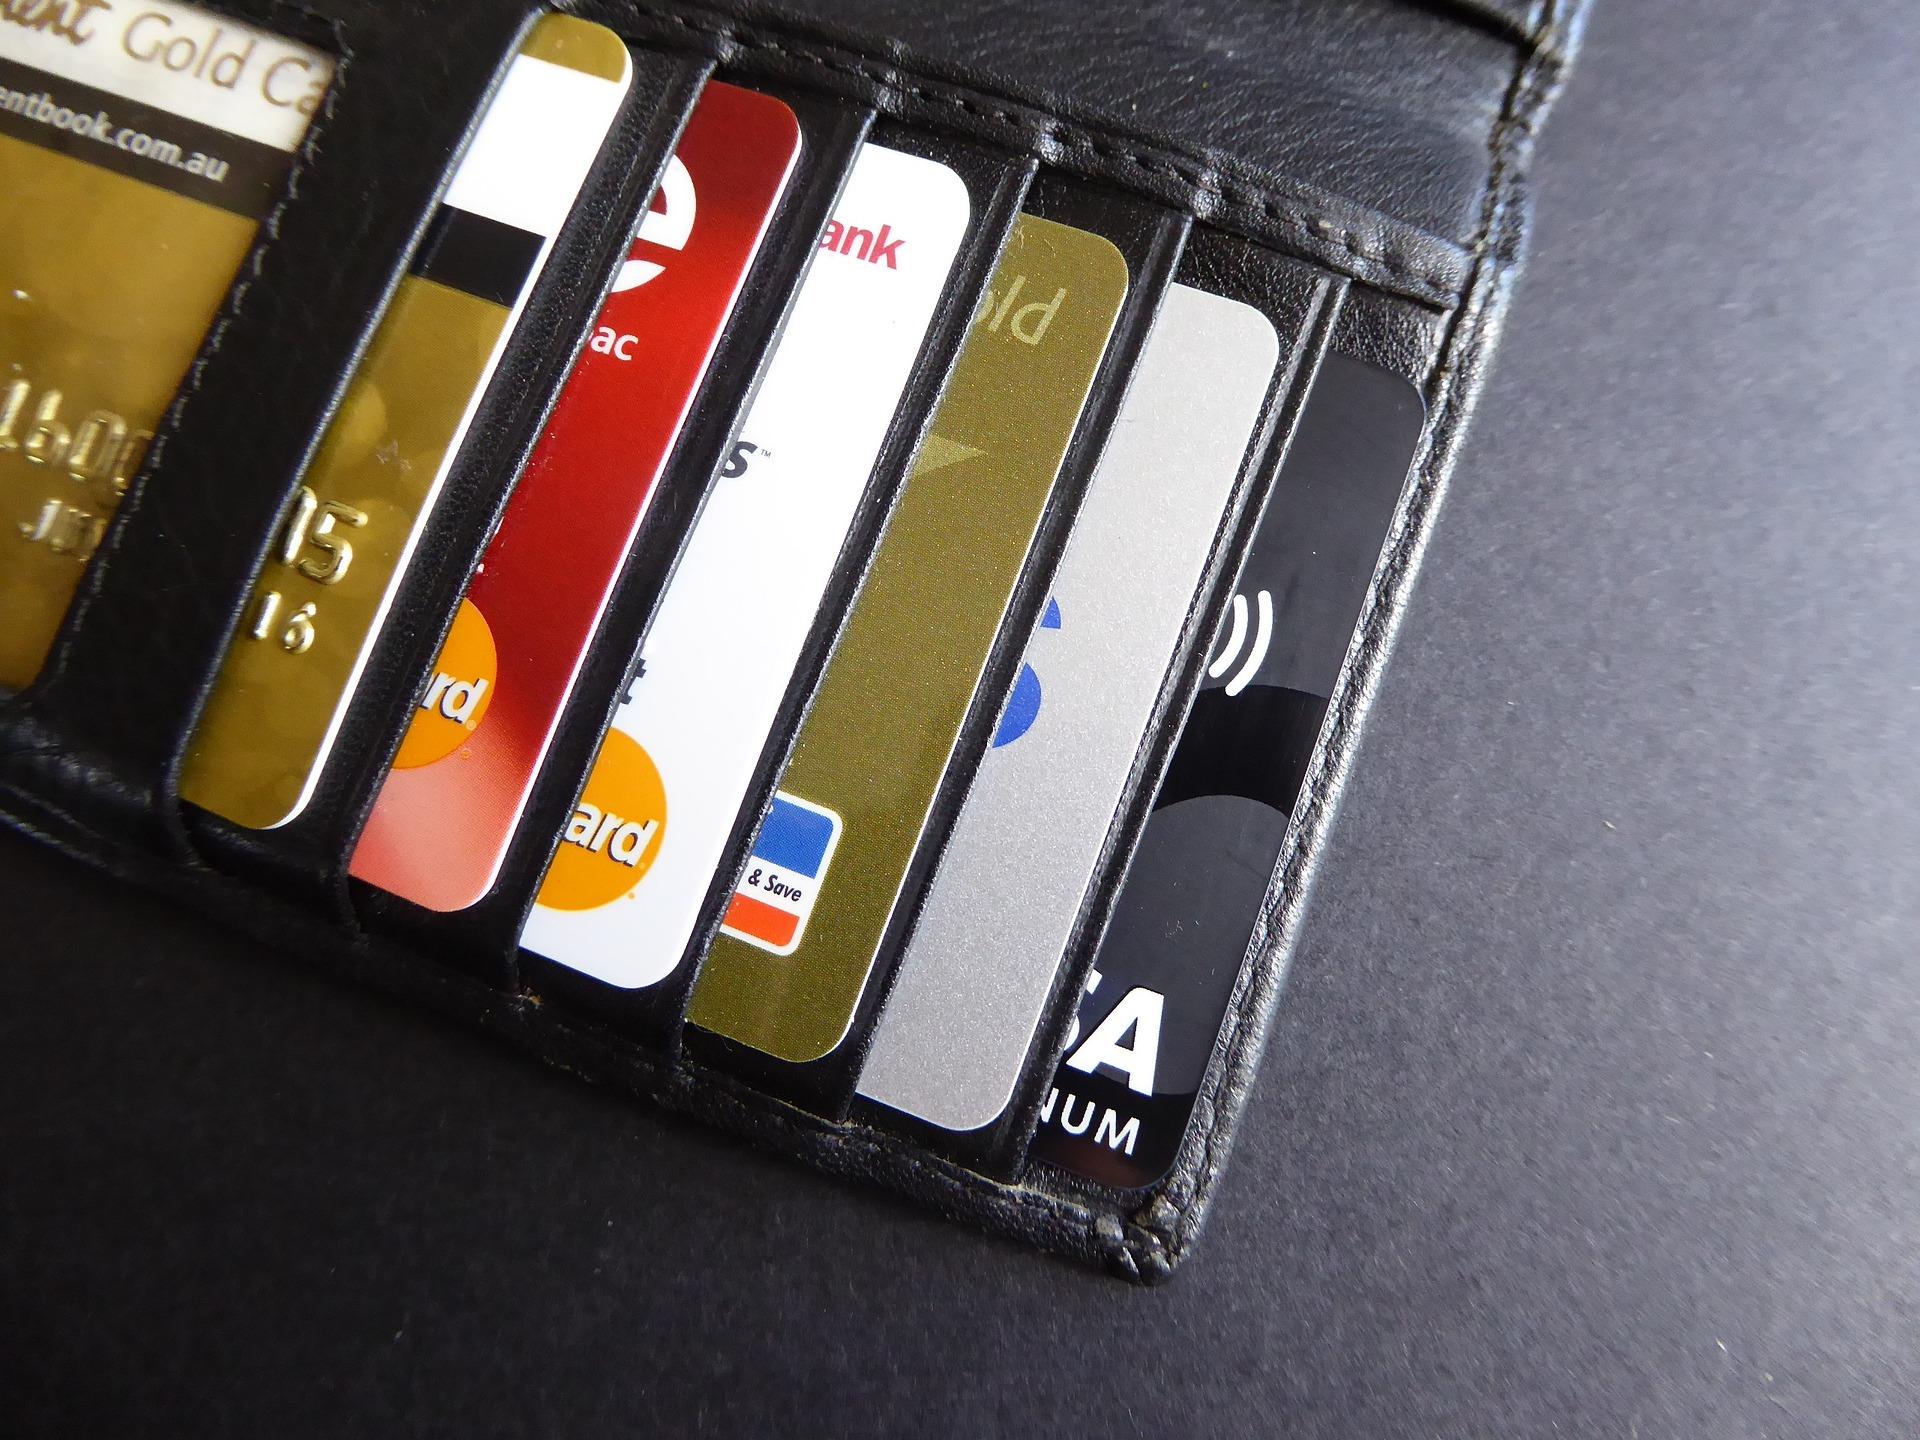 Carteira com cartões de crédito.